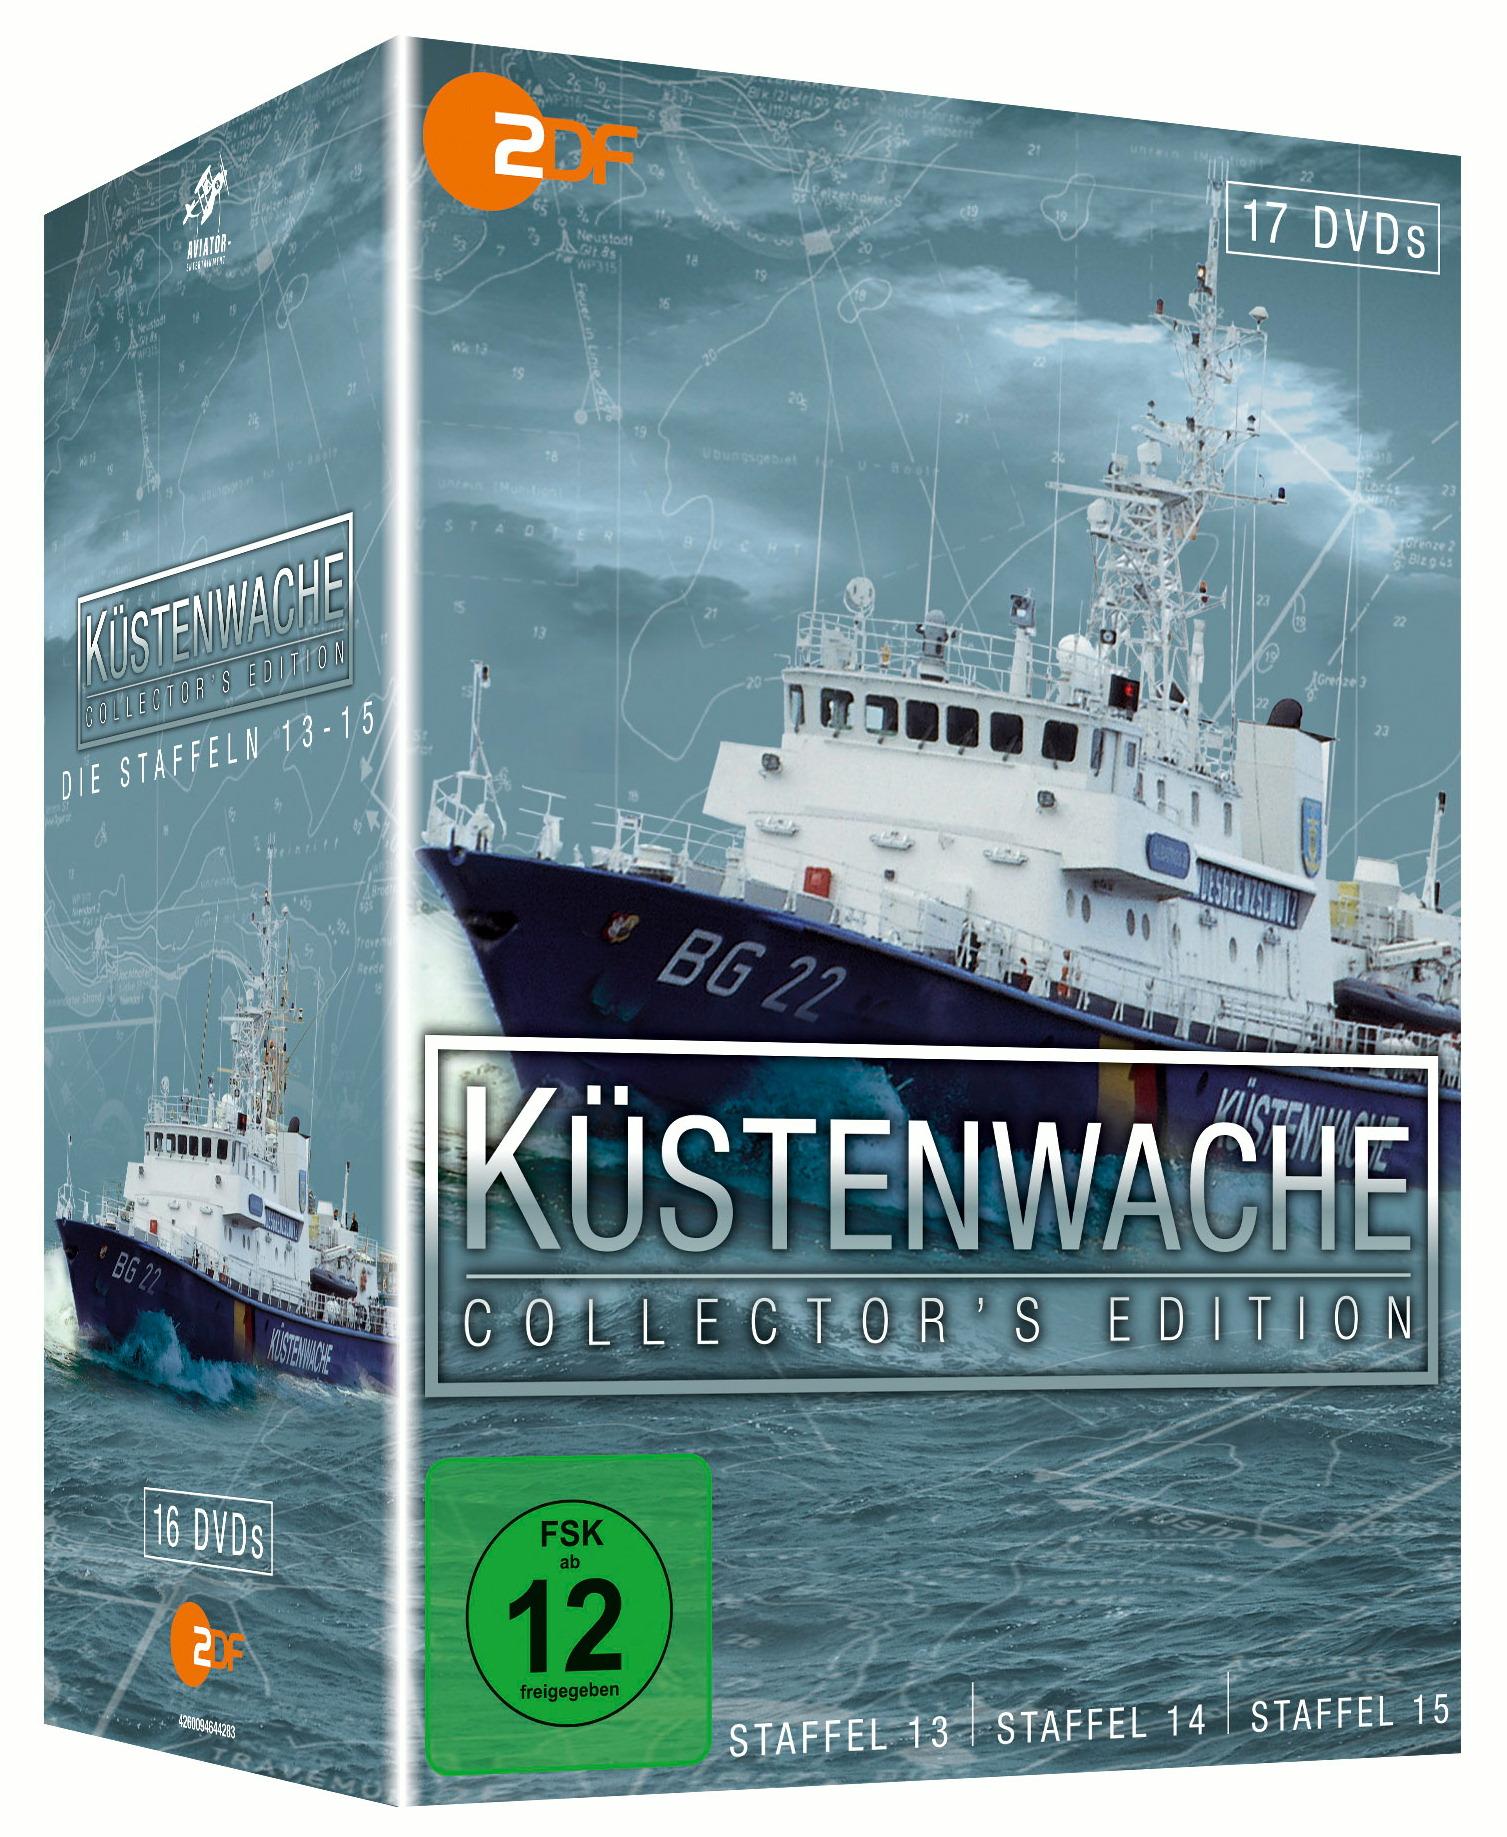 Küstenwache - Collector's Edition: Staffel 13-15 (16 Discs) Poster